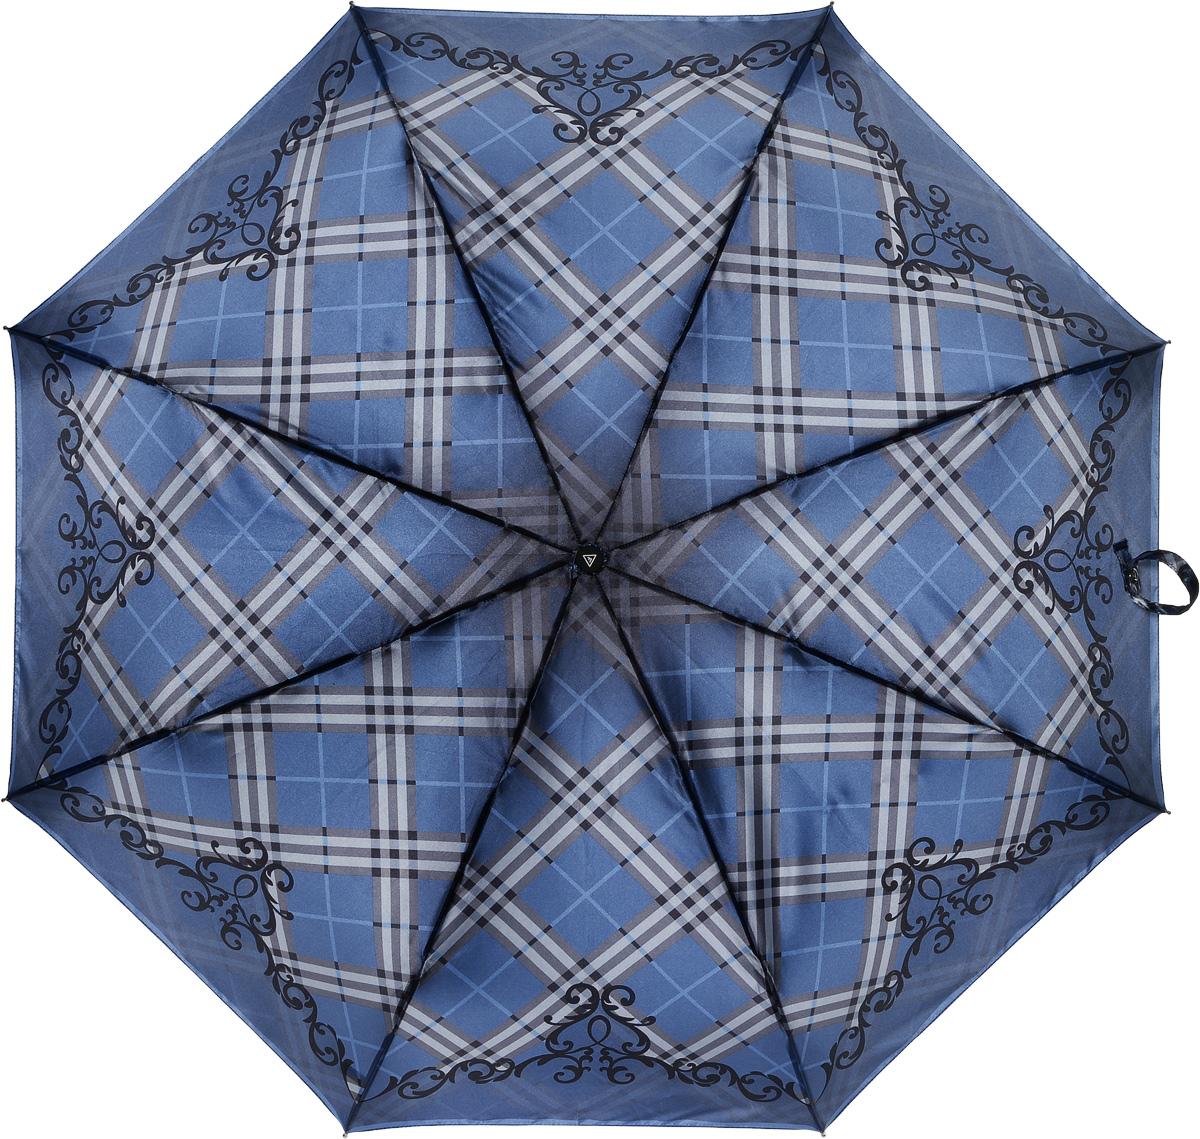 Зонт женский Fabretti, полный автомат, 3 сложения, цвет: синий. S-16101-9S-16101-9Зонт женский Fabretti, суперавтомат, 3 сложения, сатин